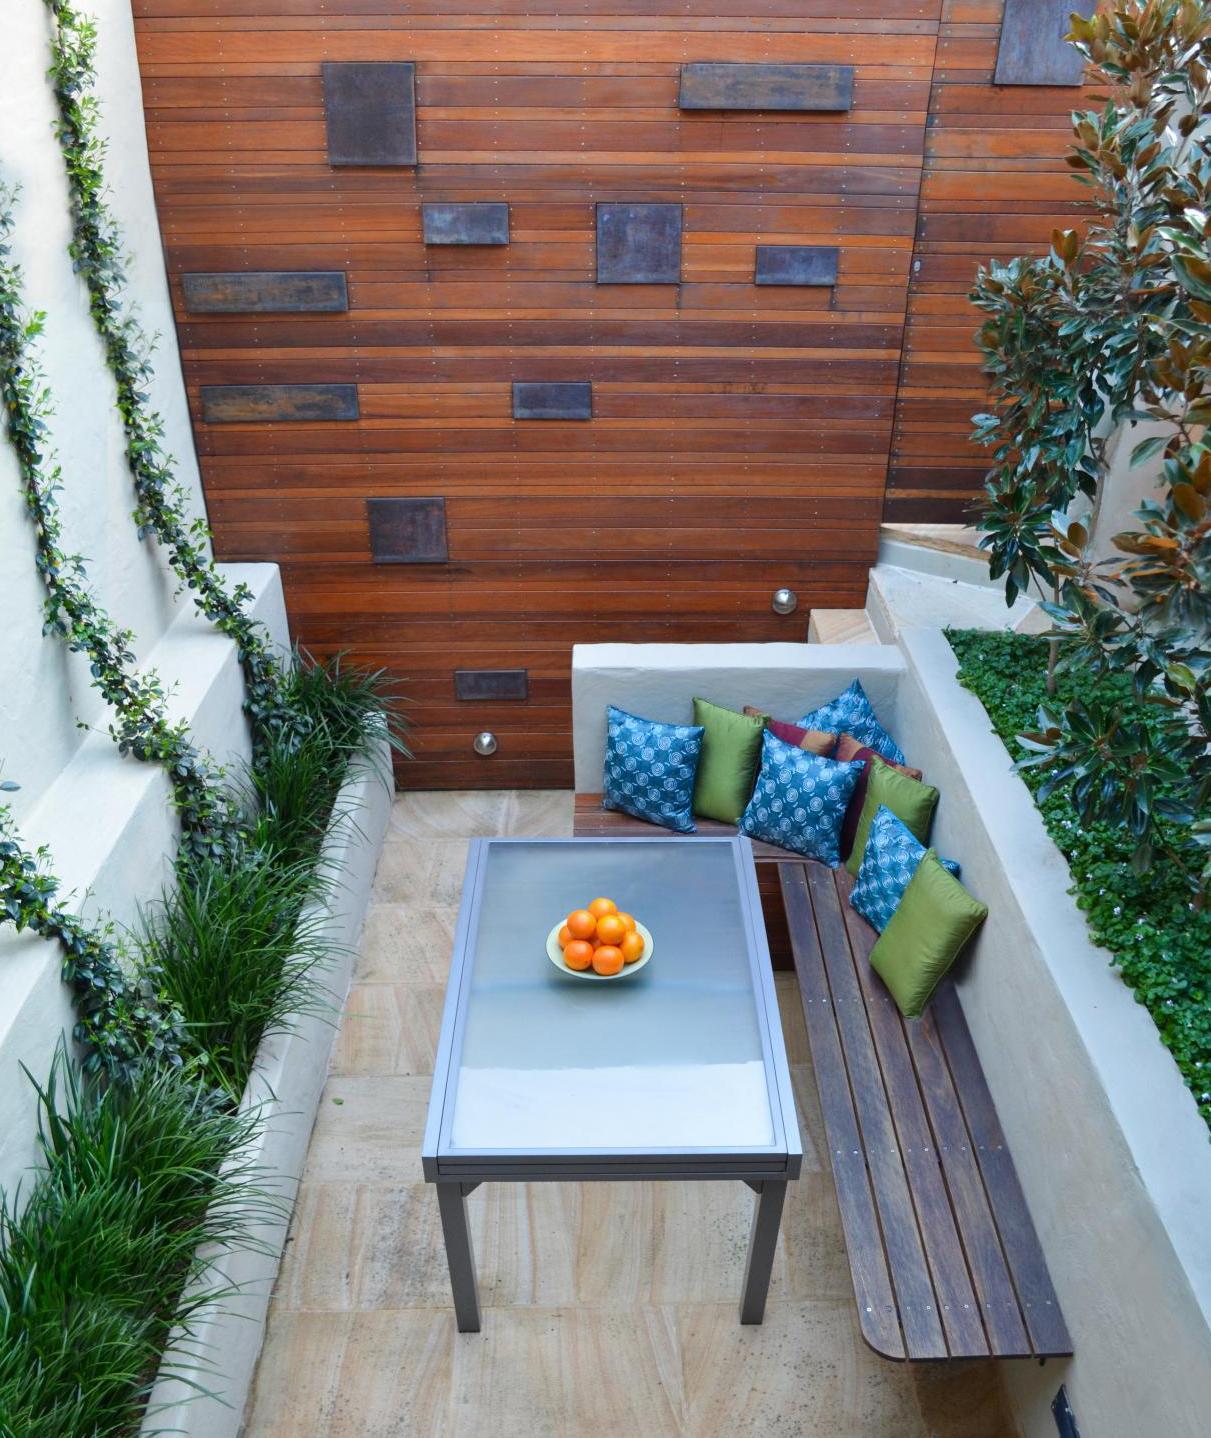 Garten Gestalten Mit Bank Und Esstisch Als Kleines Wohnzimmer Draußen